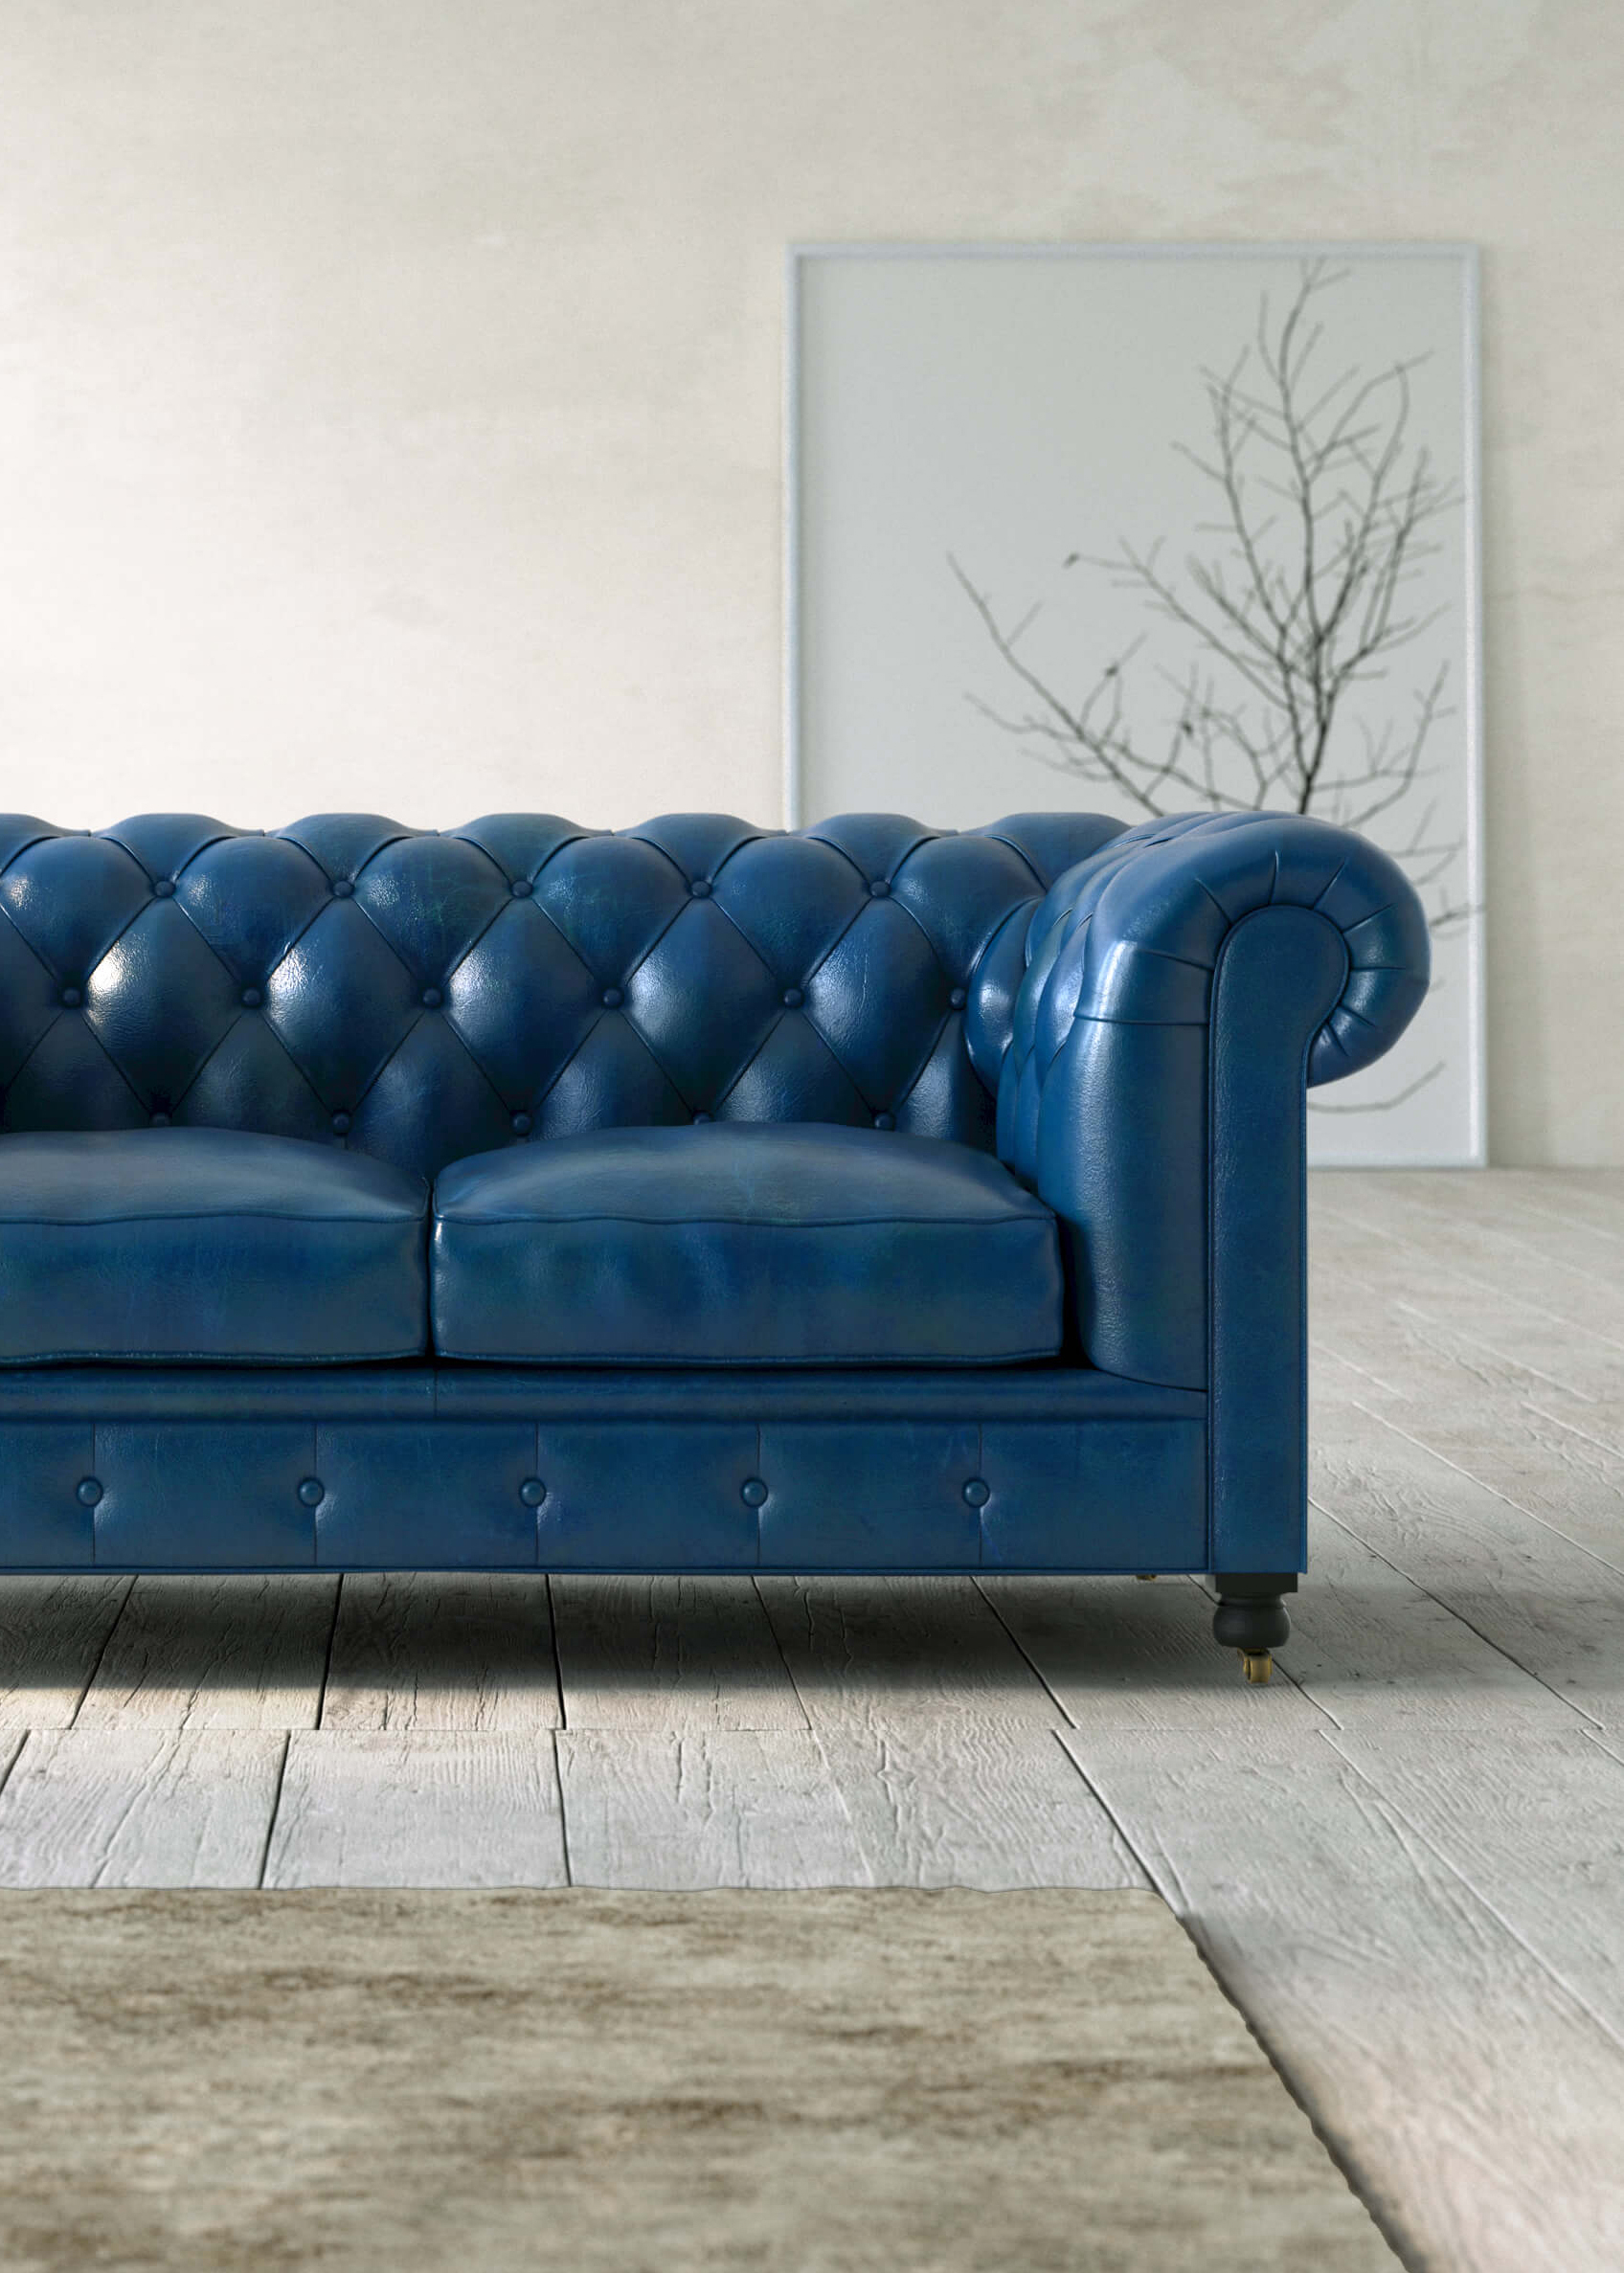 Detalle cercano de un sofá en 3D para book de infografía hiperrealistas